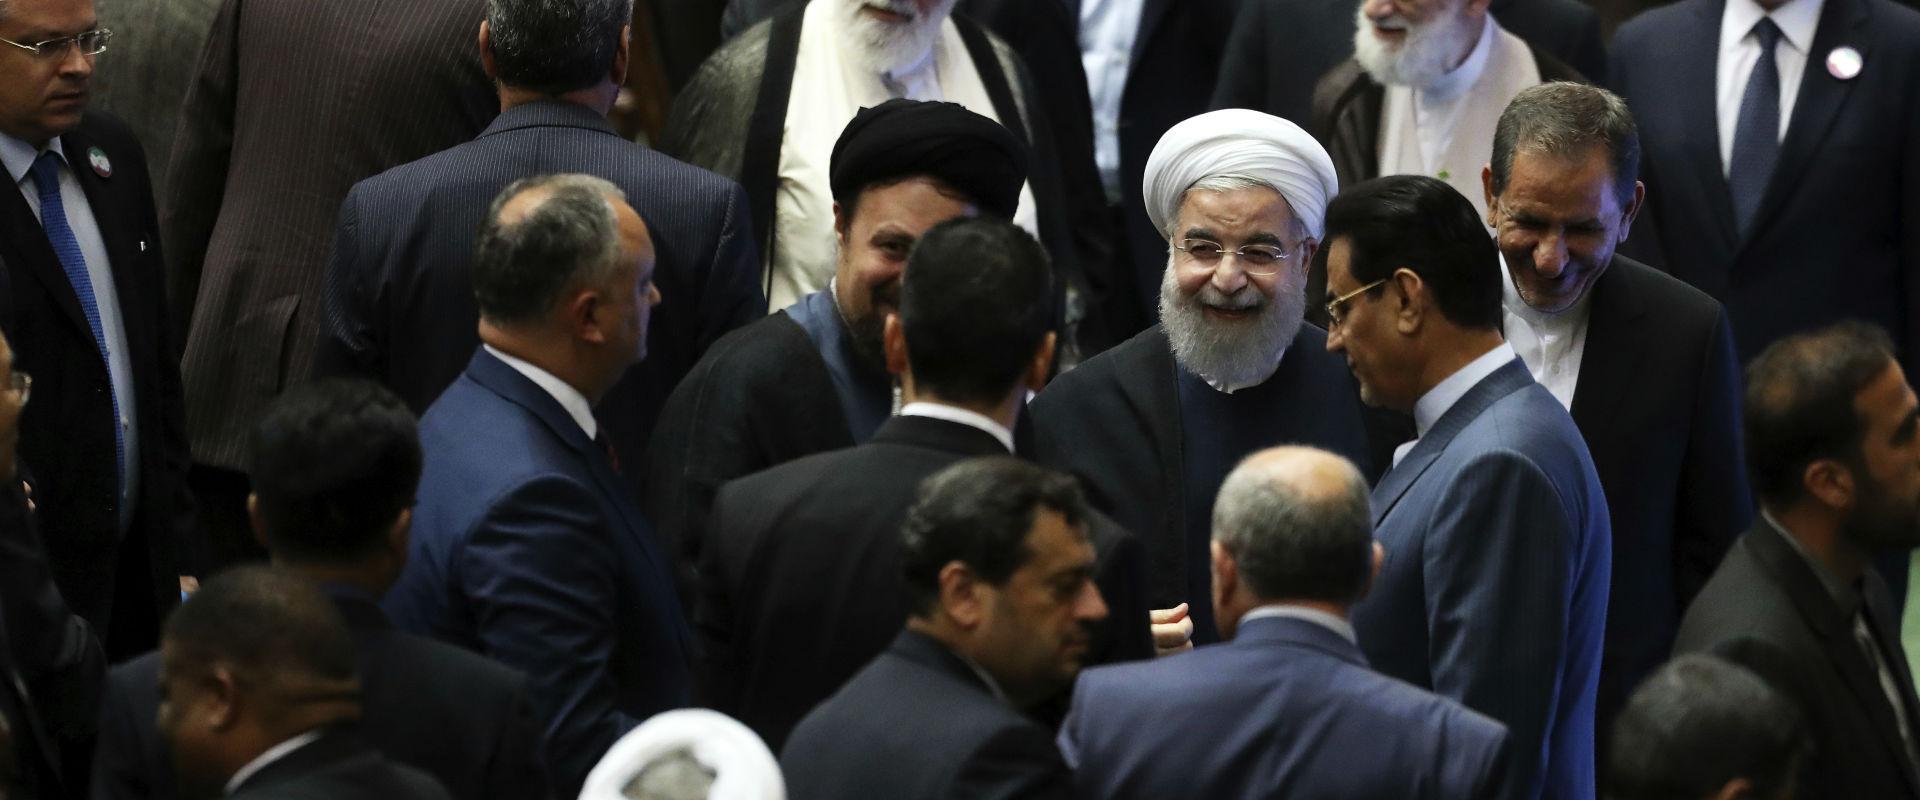 נשיא איראן בפרלמנט